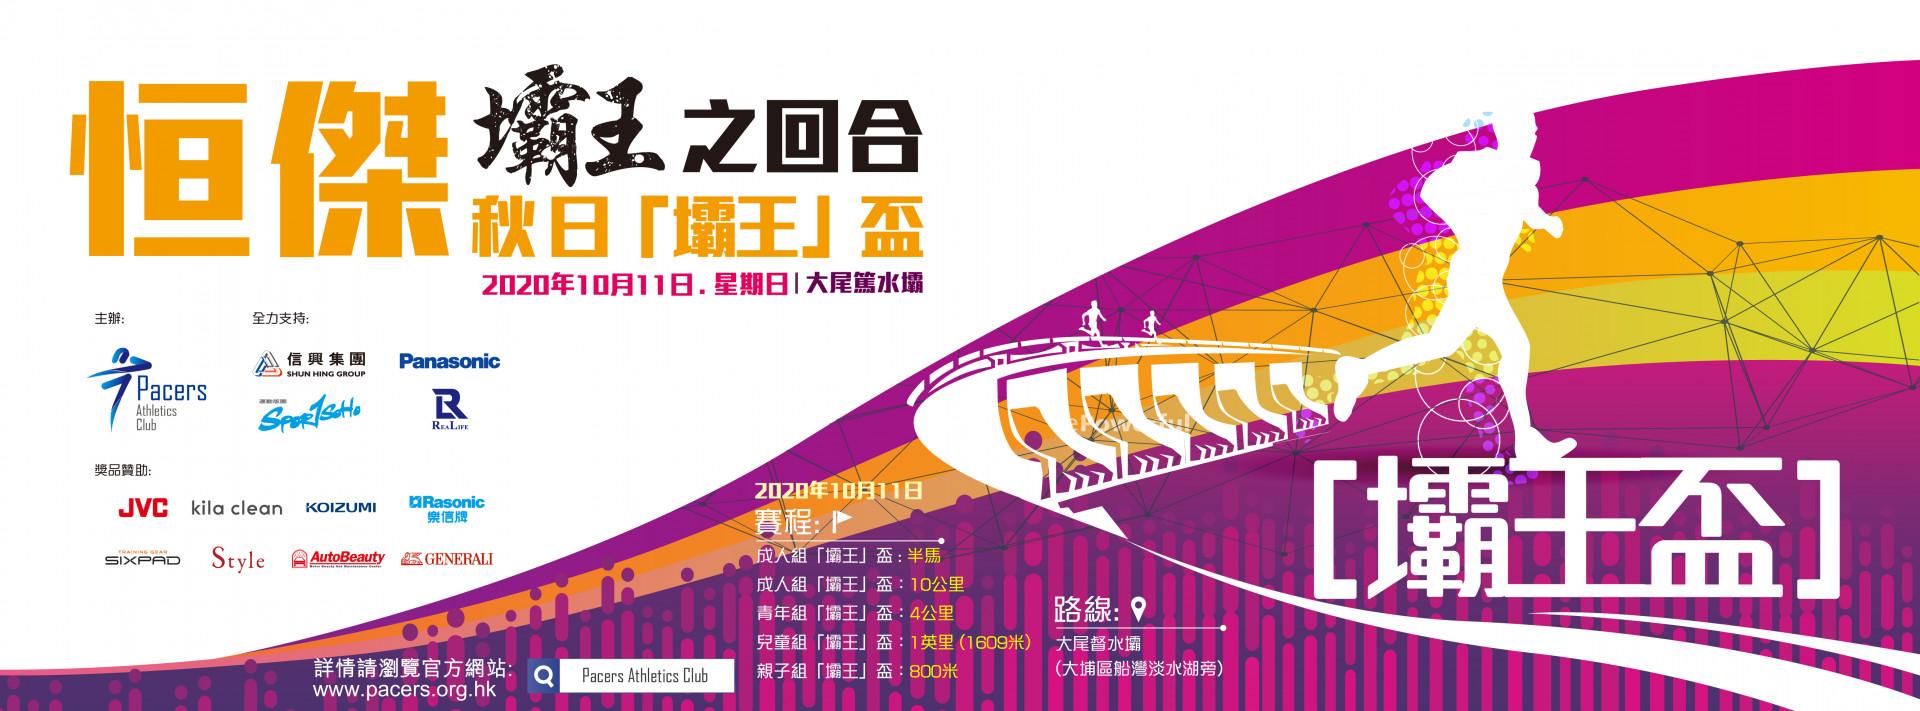 恒傑秋日「壩王」盃2020 – 取消通知